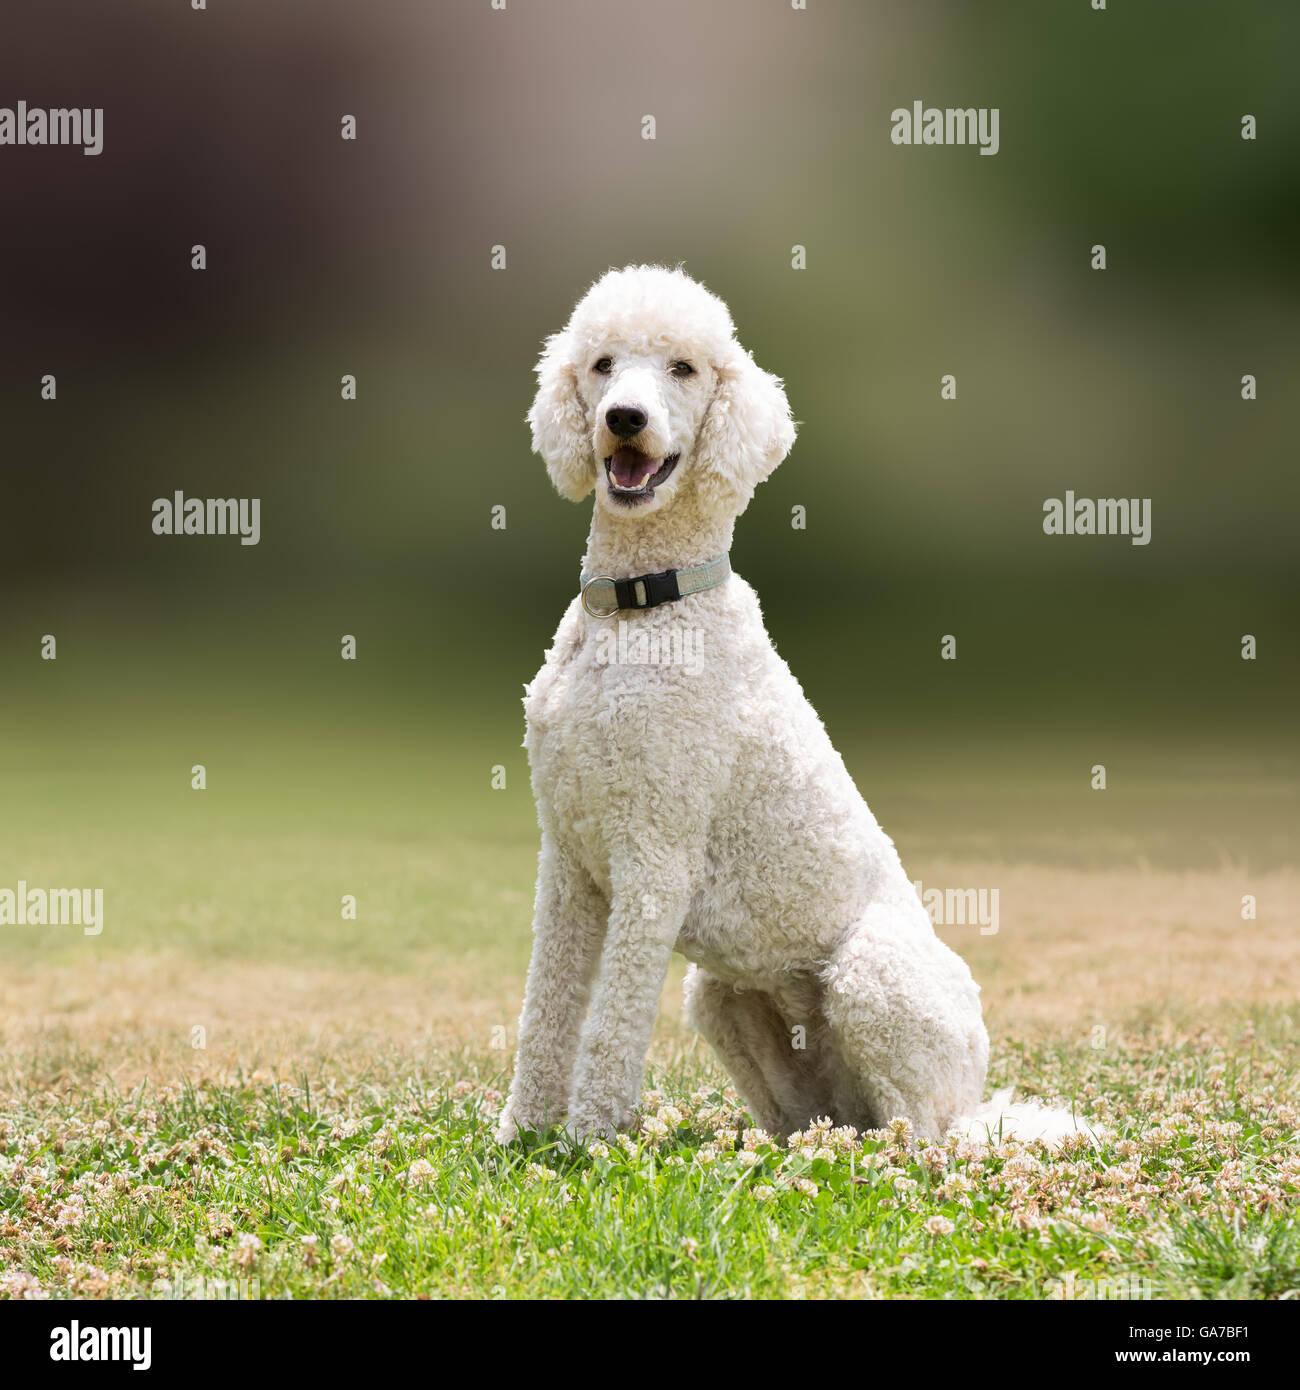 White poodle dog portrait. - Stock Image